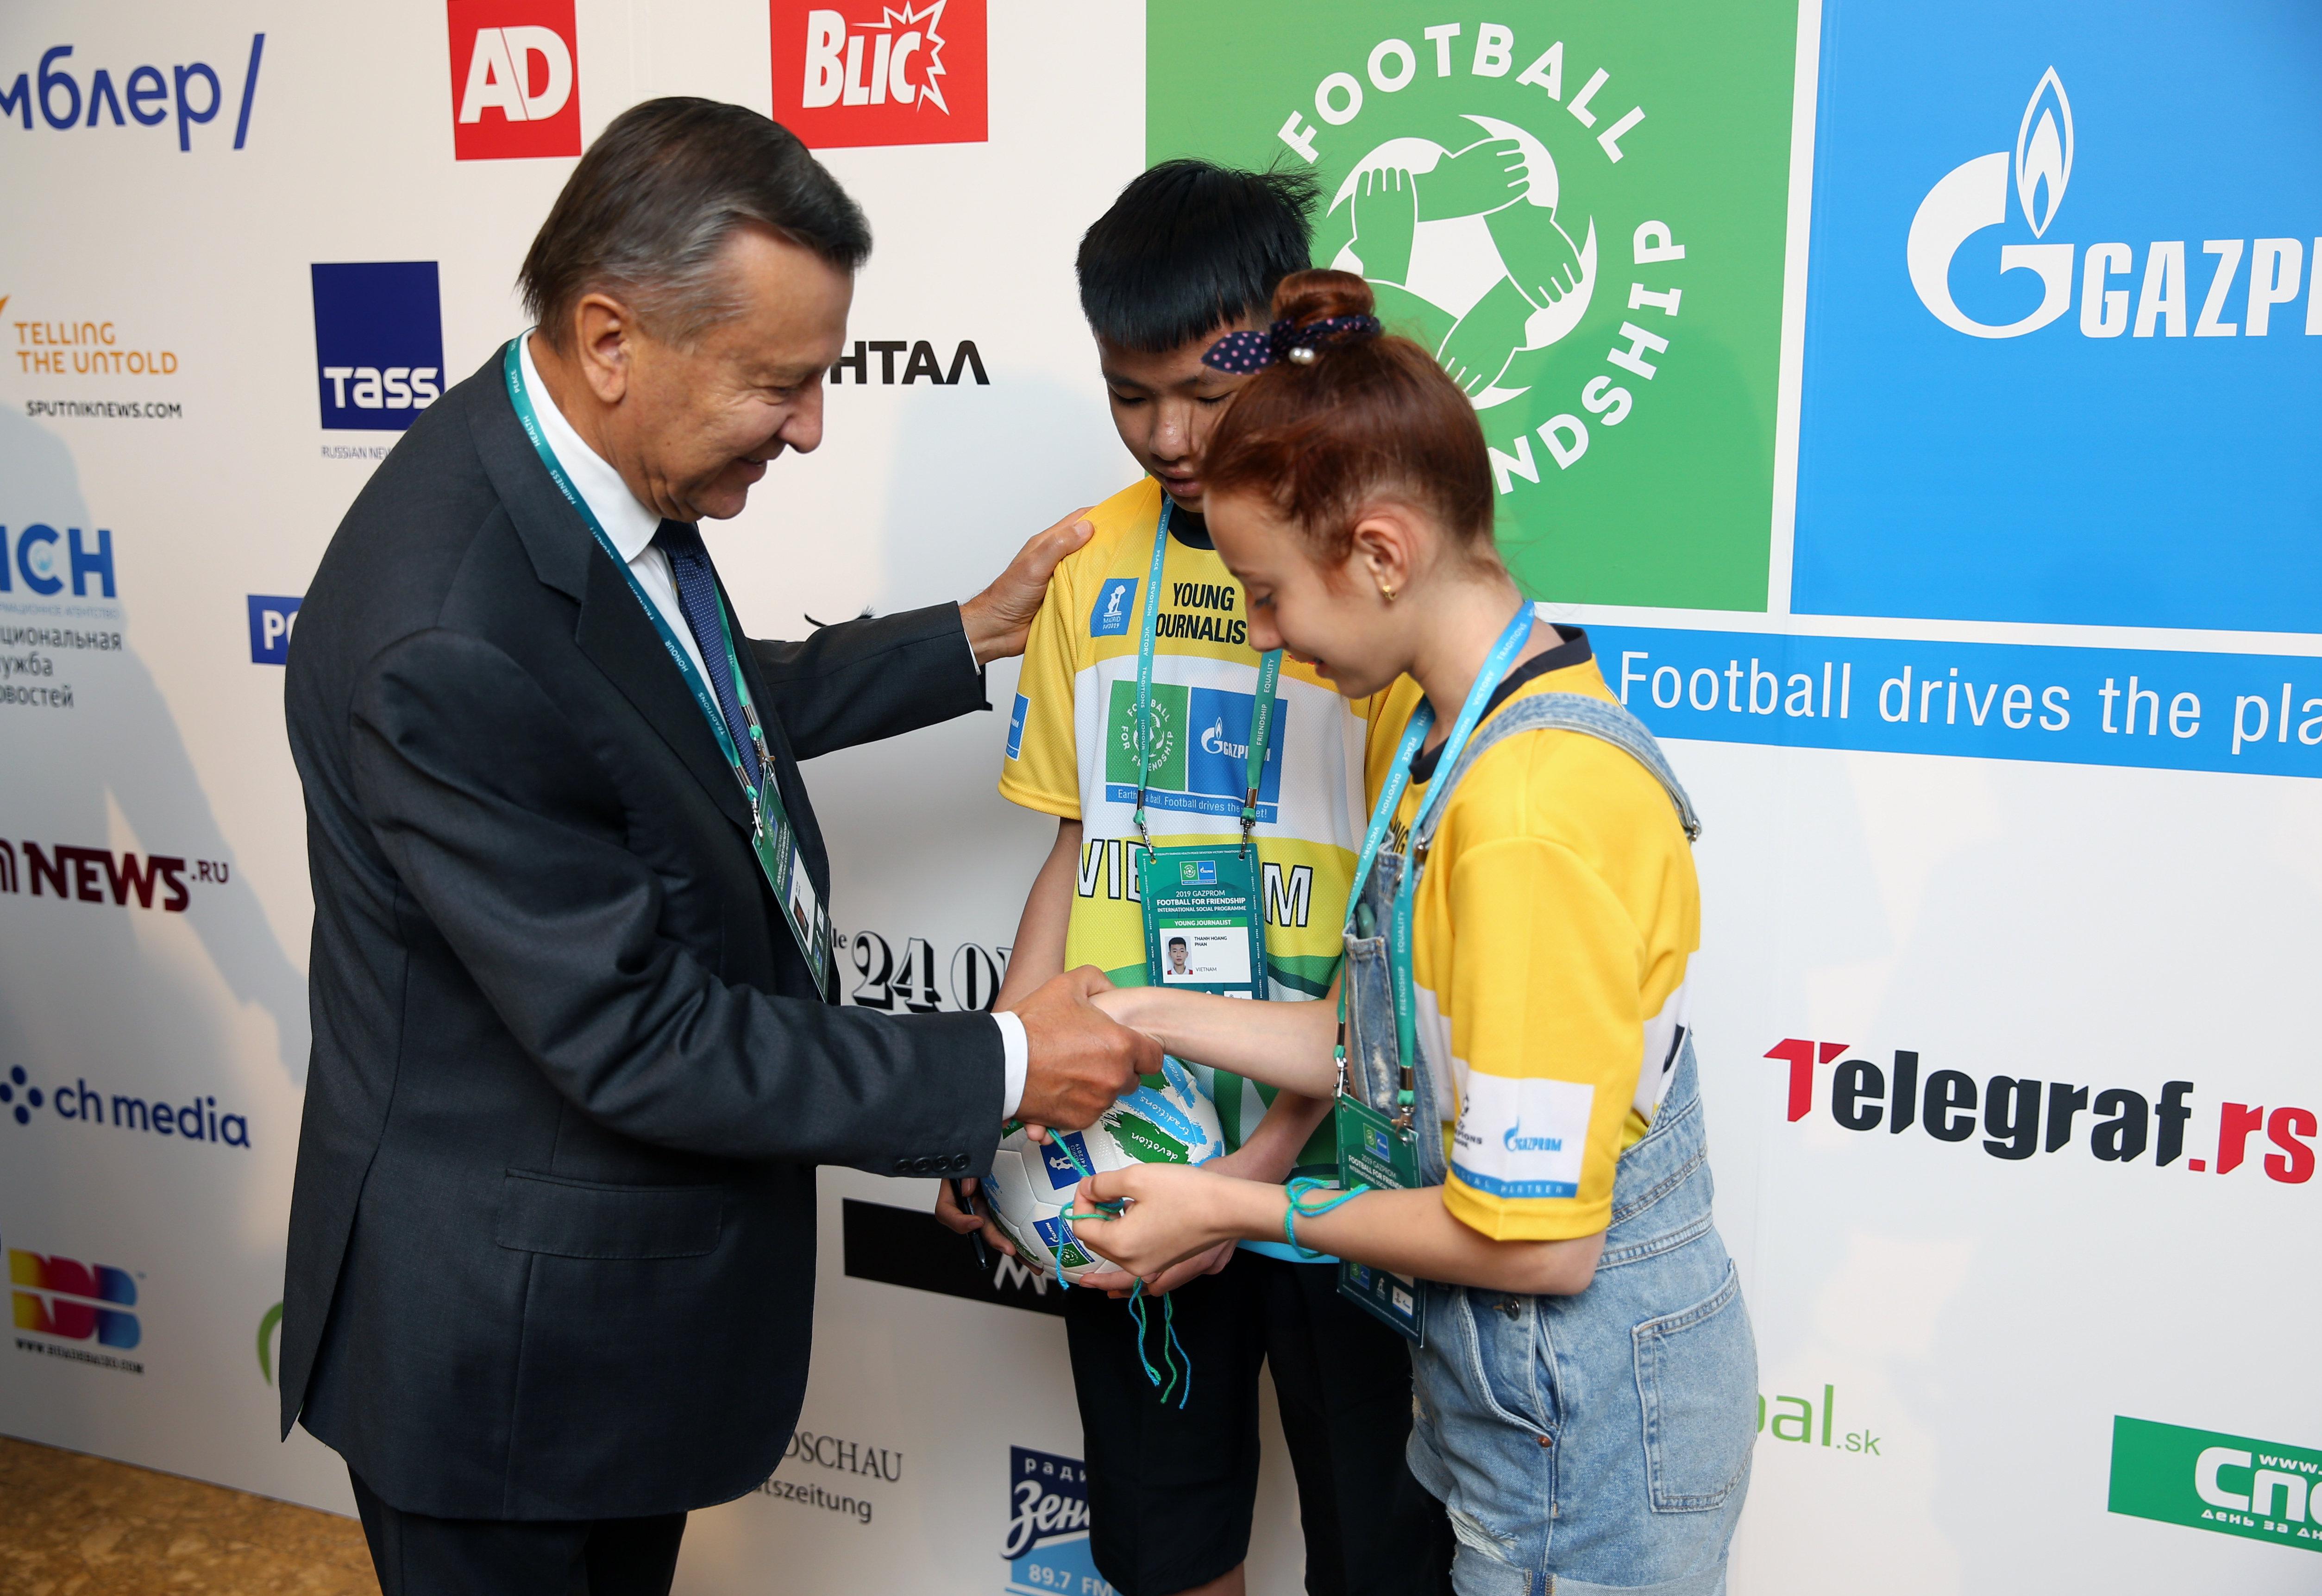 俄罗斯天然气工业股份公司的董事会主席尤祖布科夫和年轻足球员